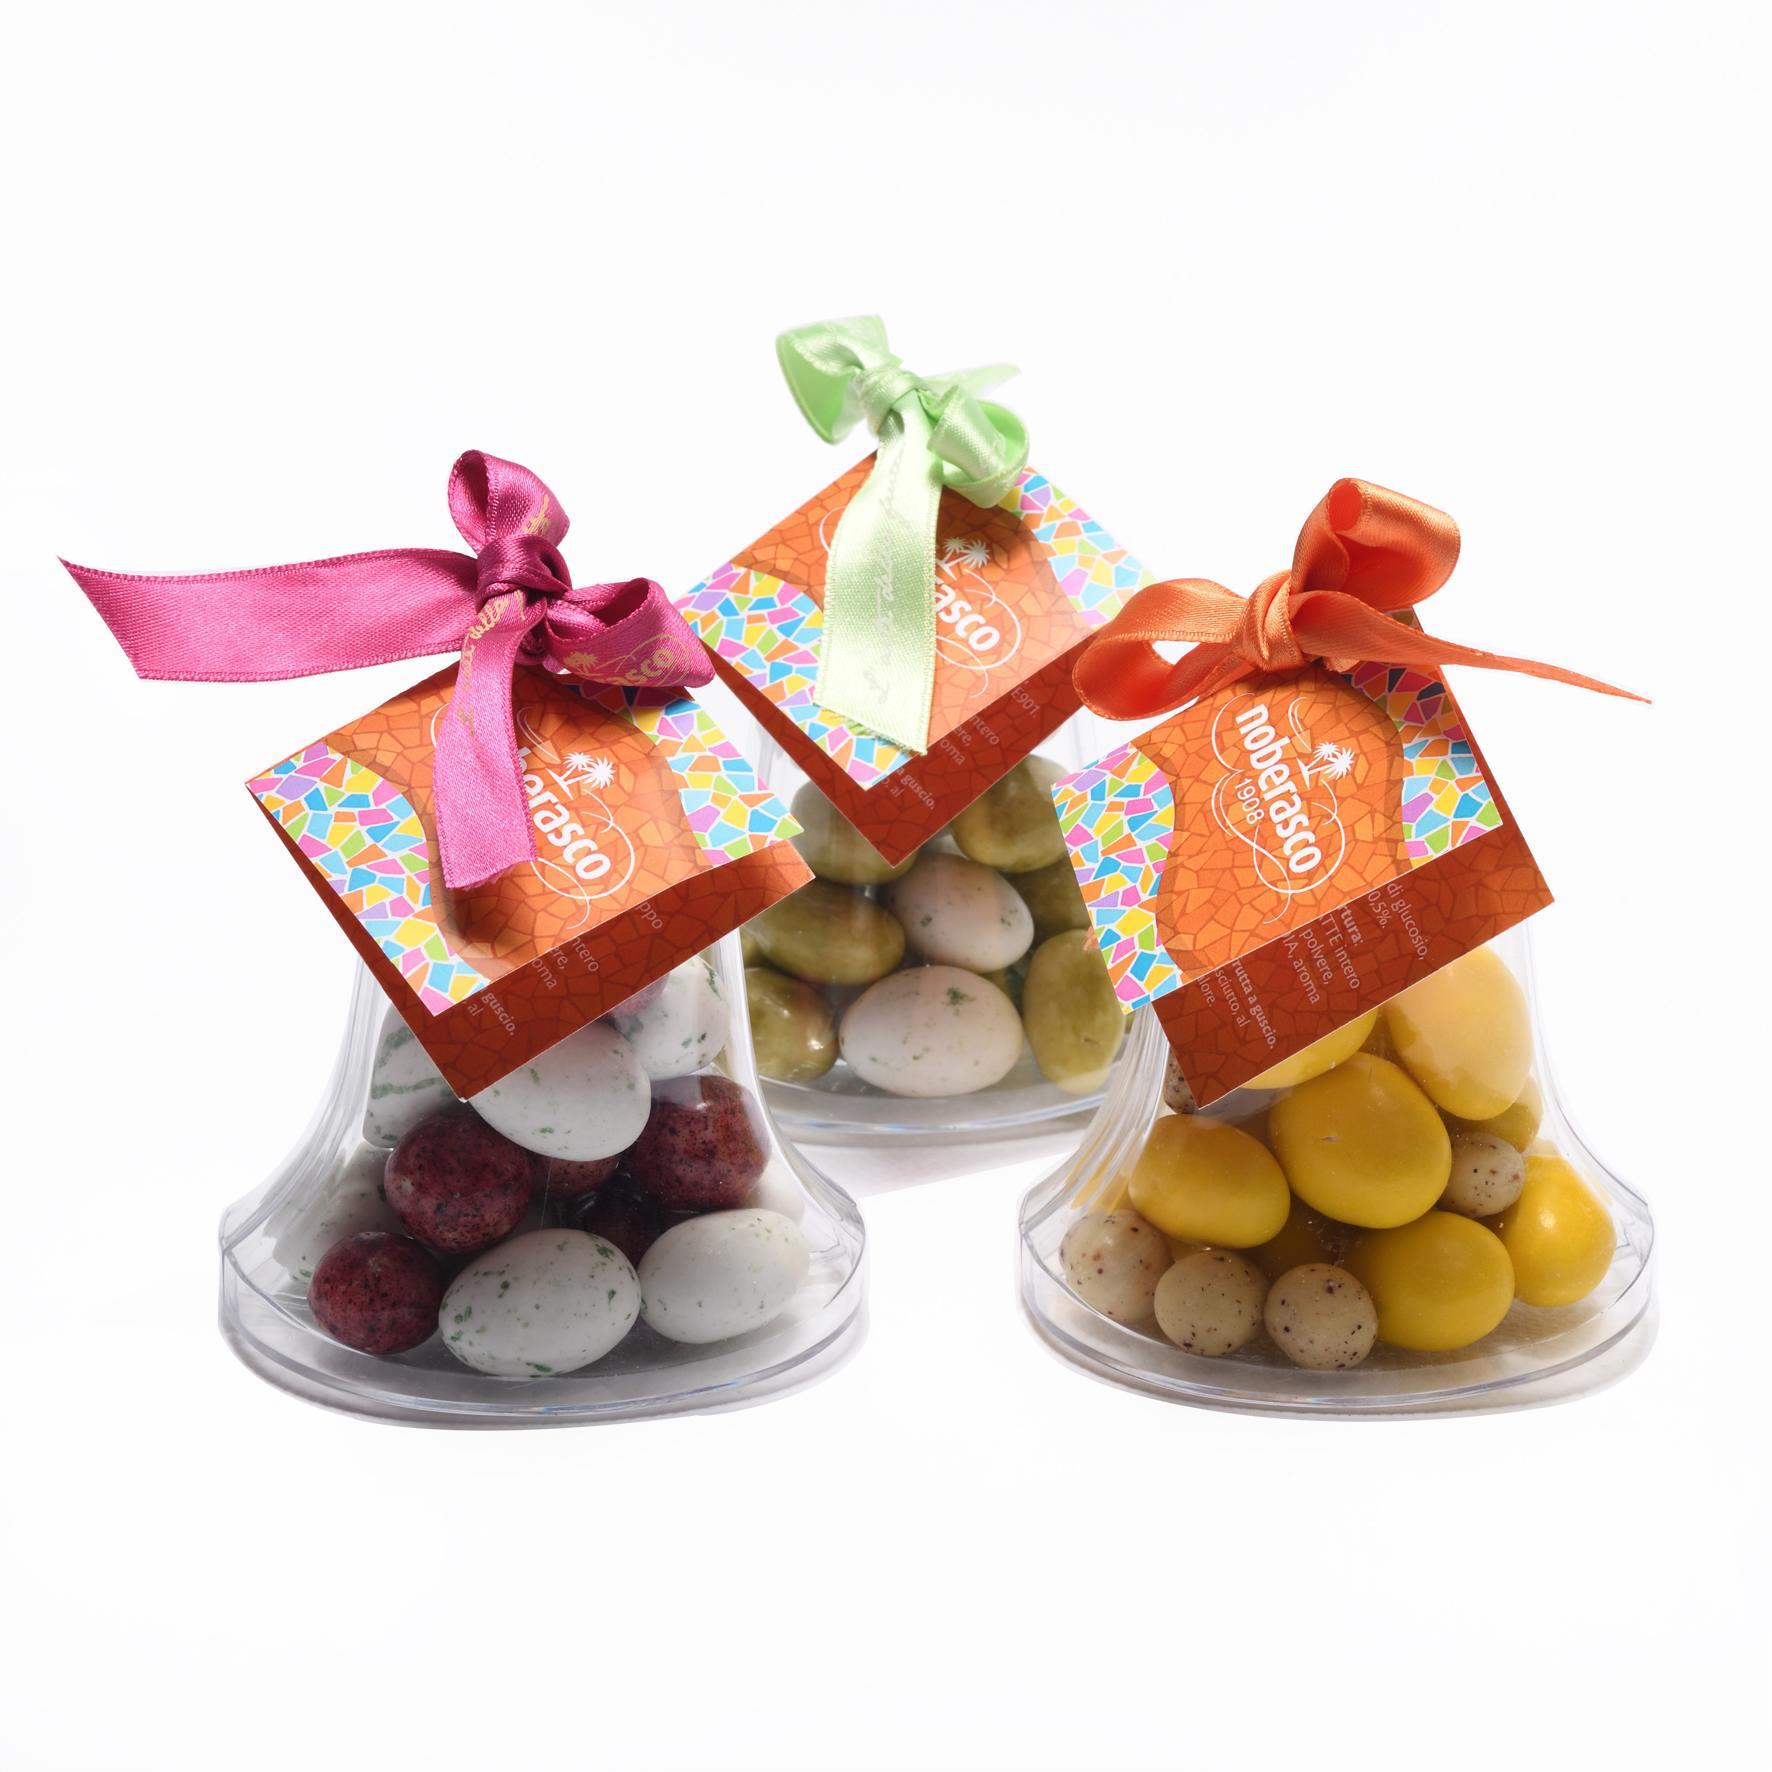 La Pasqua Noberasco sceglie lo stile Gaudì per creare autentiche architetture di cioccolato e frutta da gustare